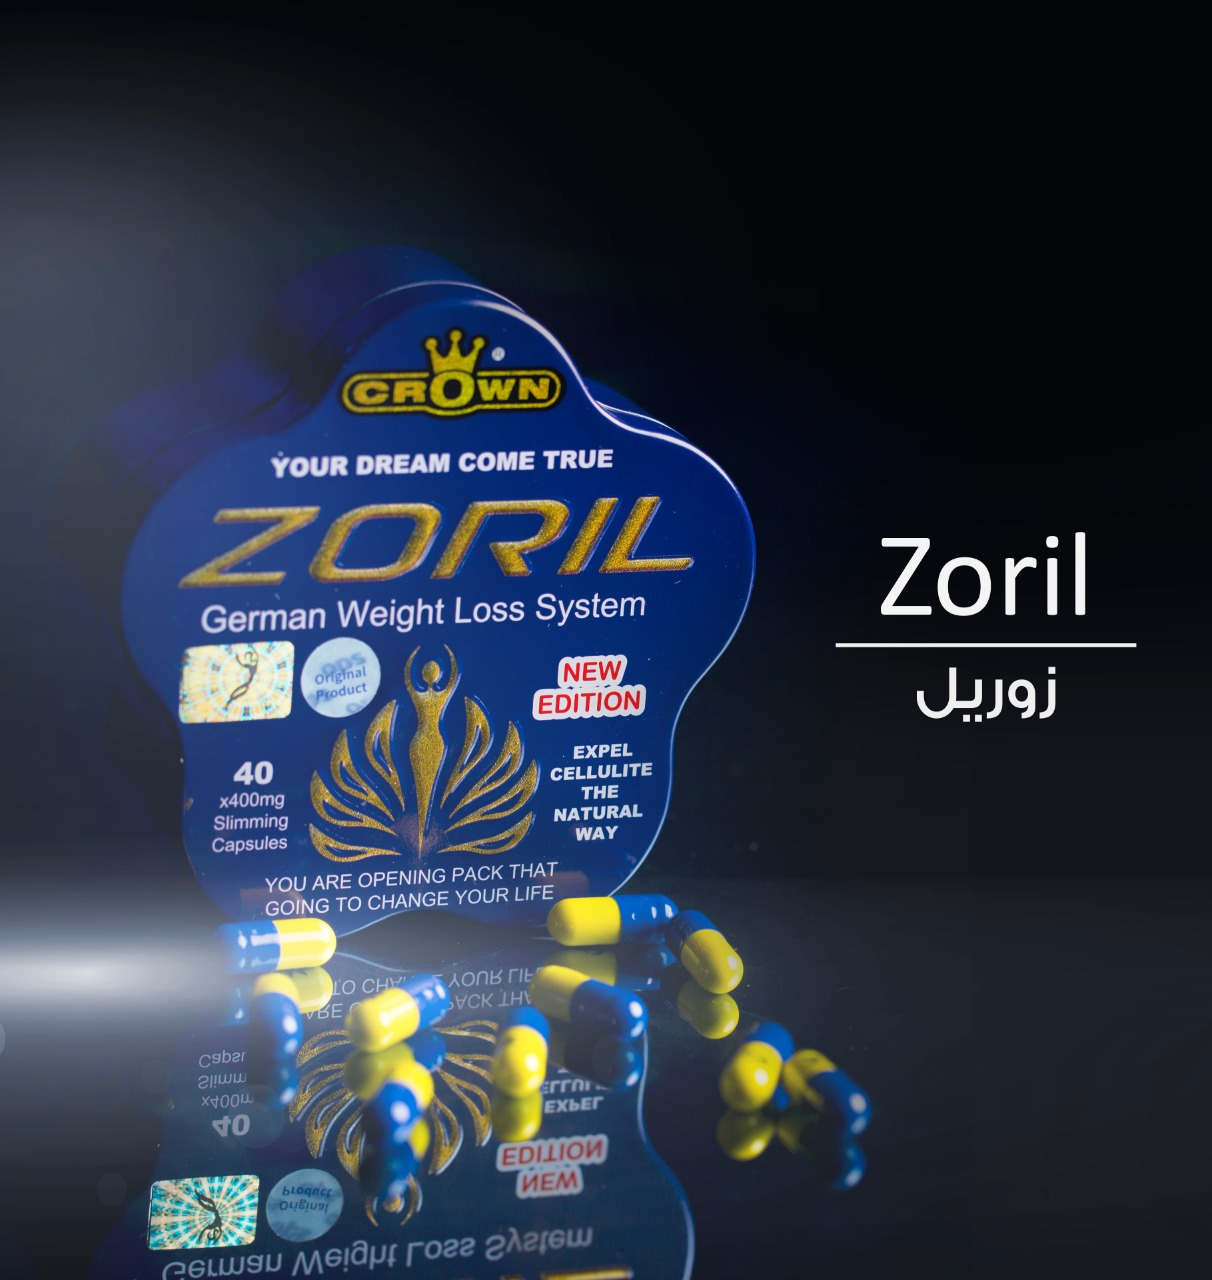 كبسولات زوريل الالماني للتخسيس ZORIL